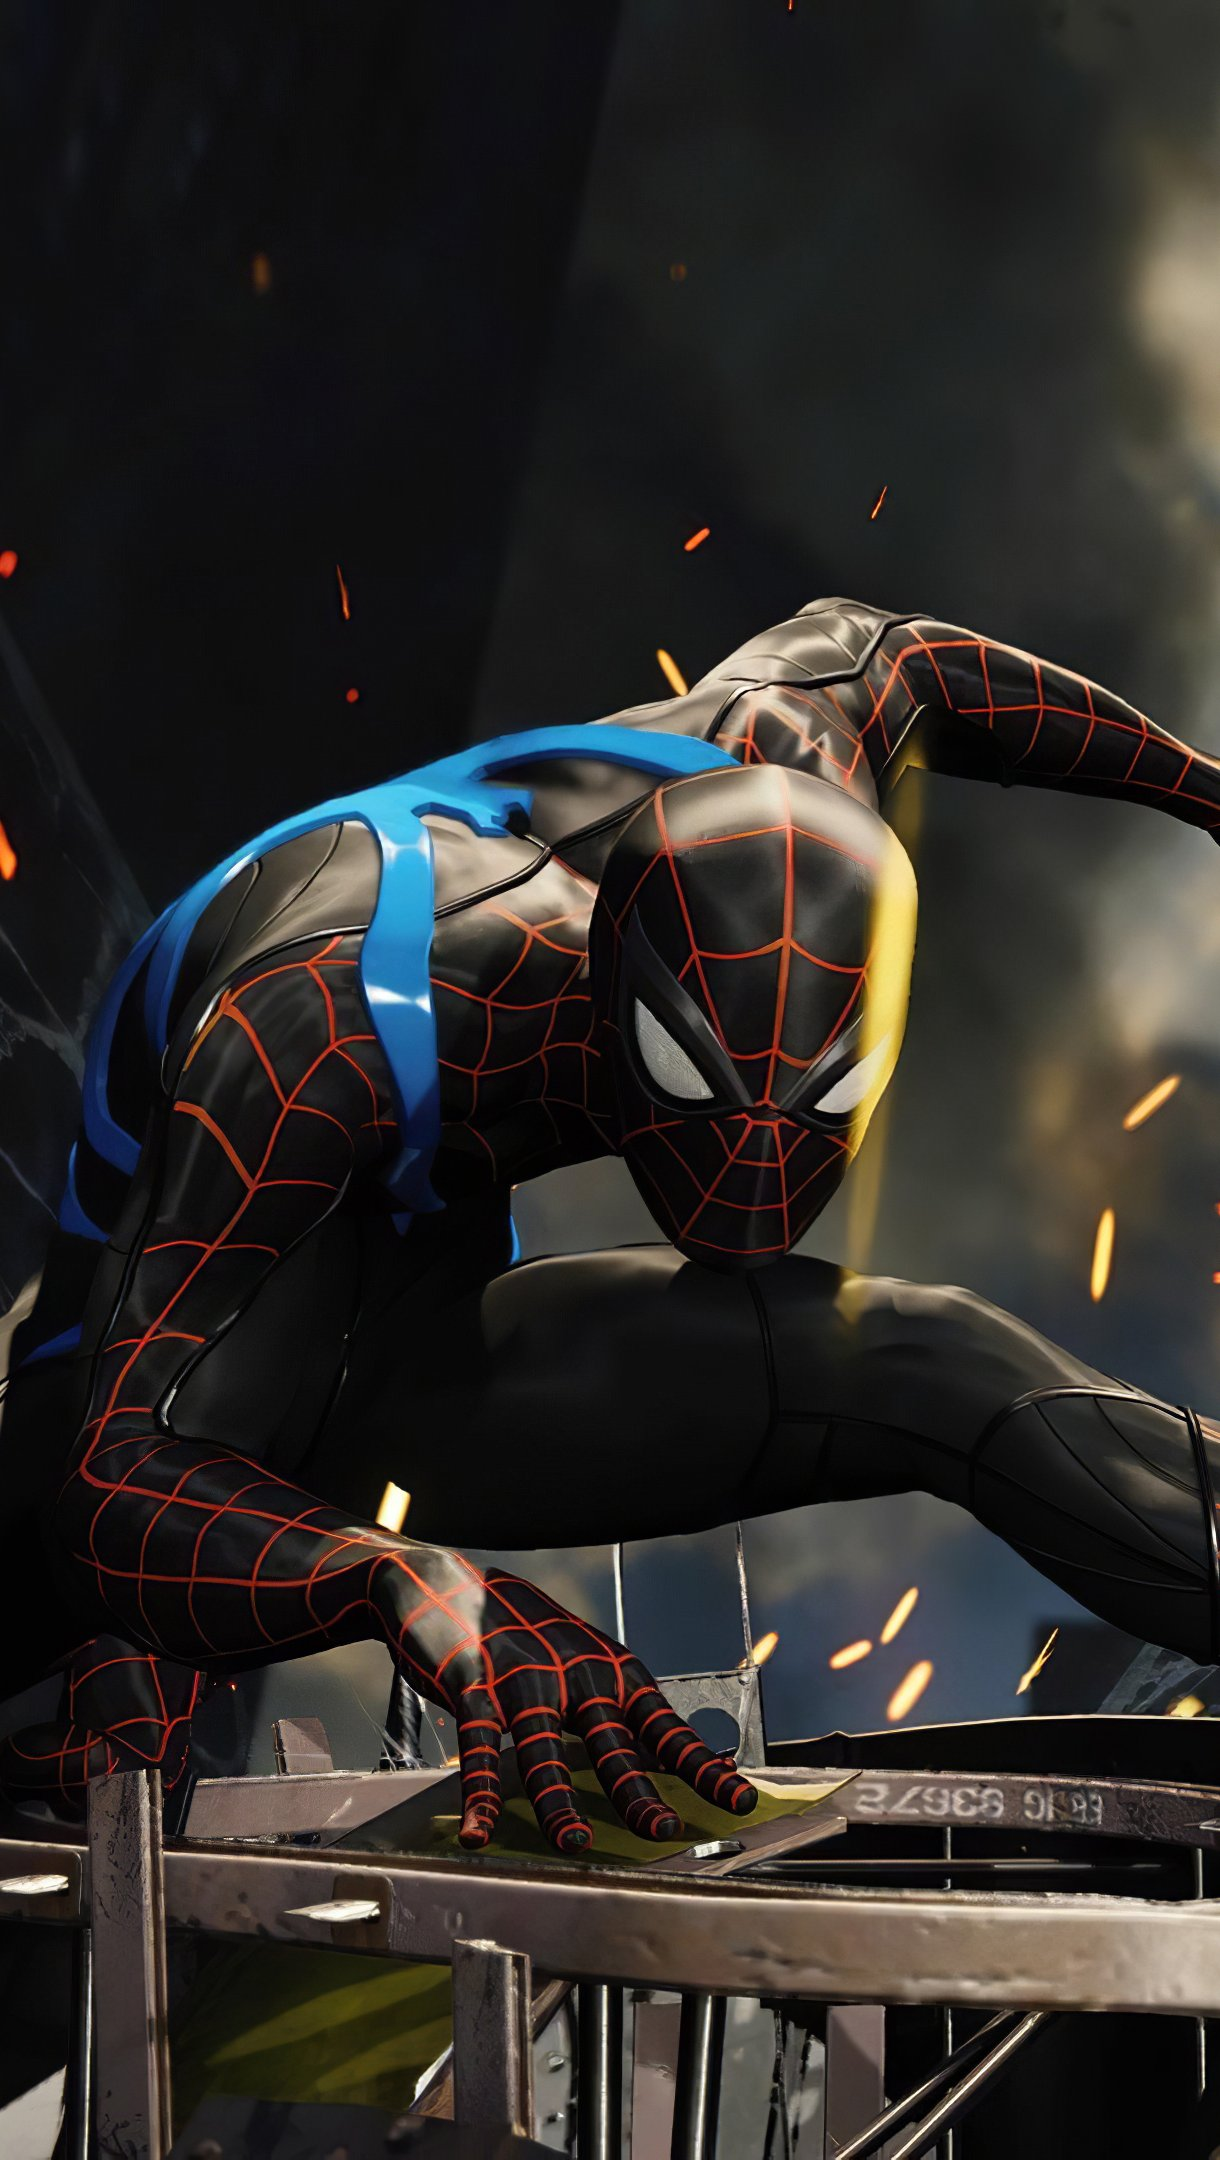 Fondos de pantalla El hombre araña con traje negro y azul Vertical